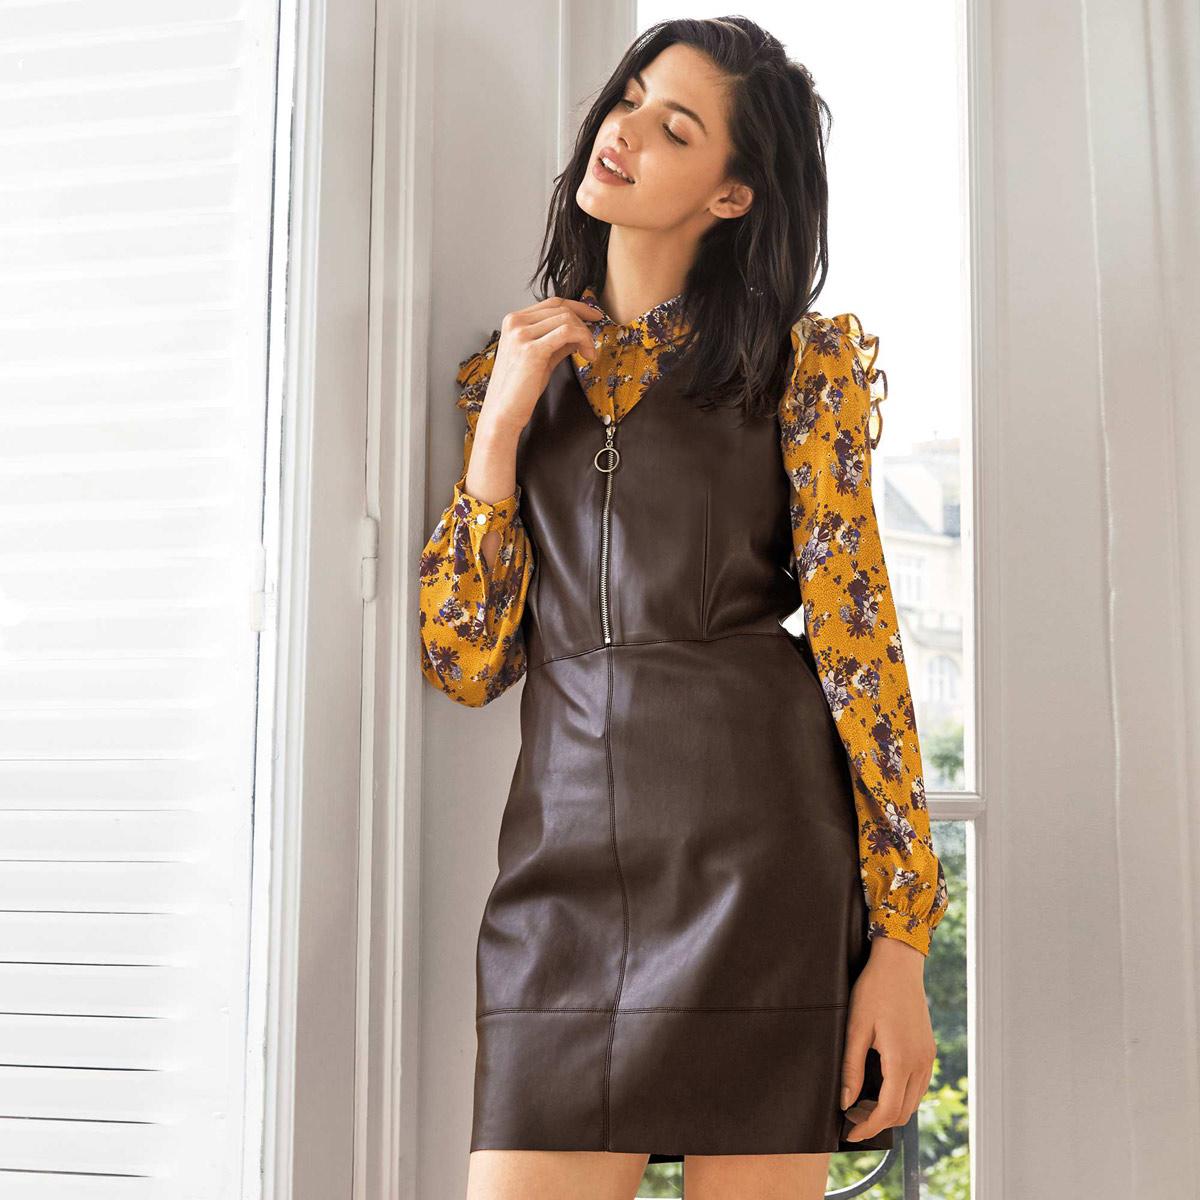 Магазин Kiabi  каталог одежды официальный сайт и адреса